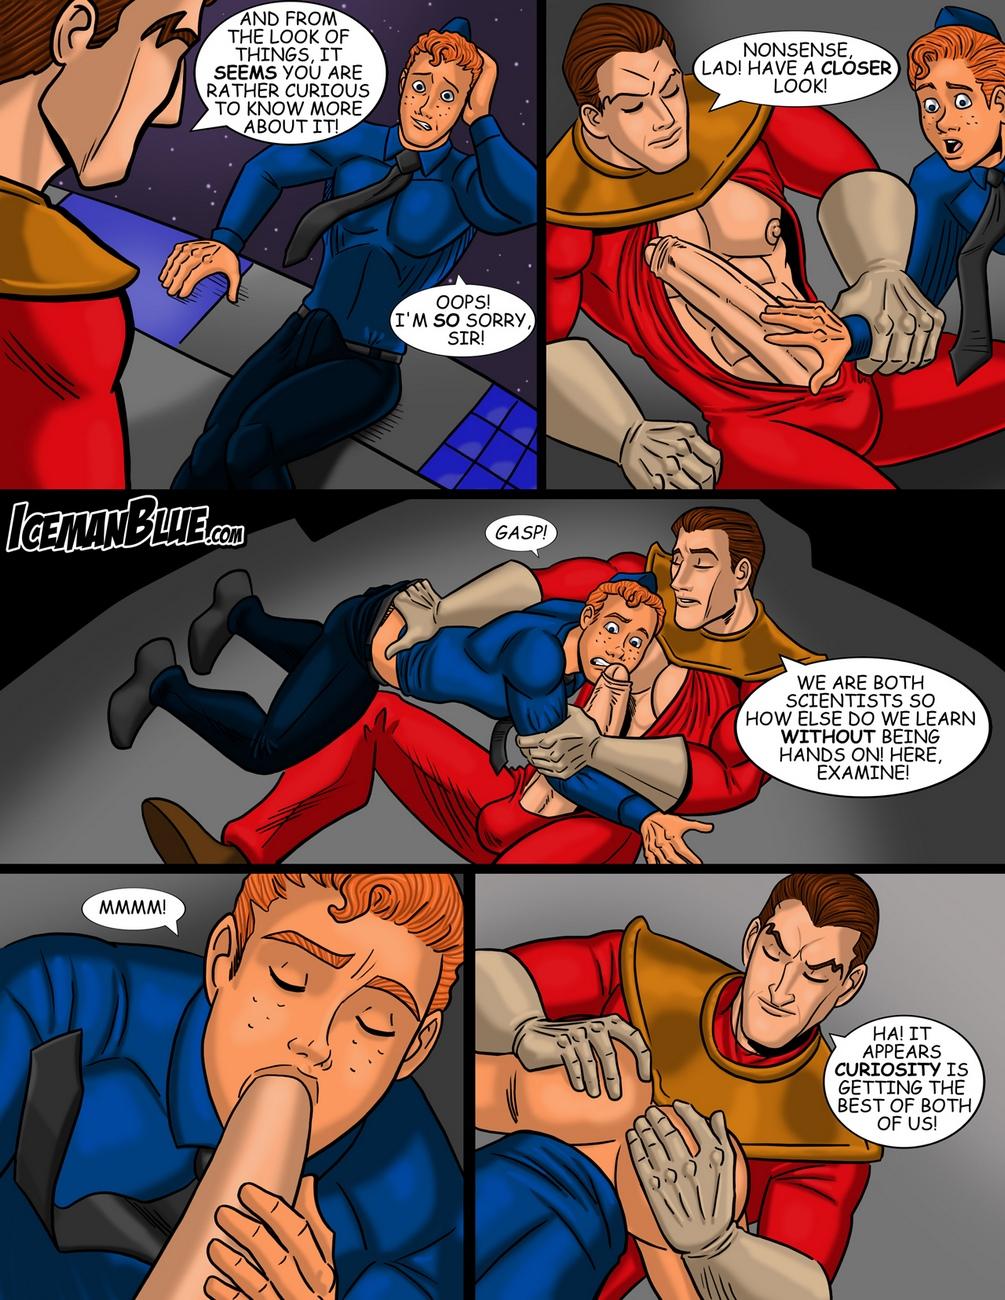 Dan-Dare 4 free sex comic